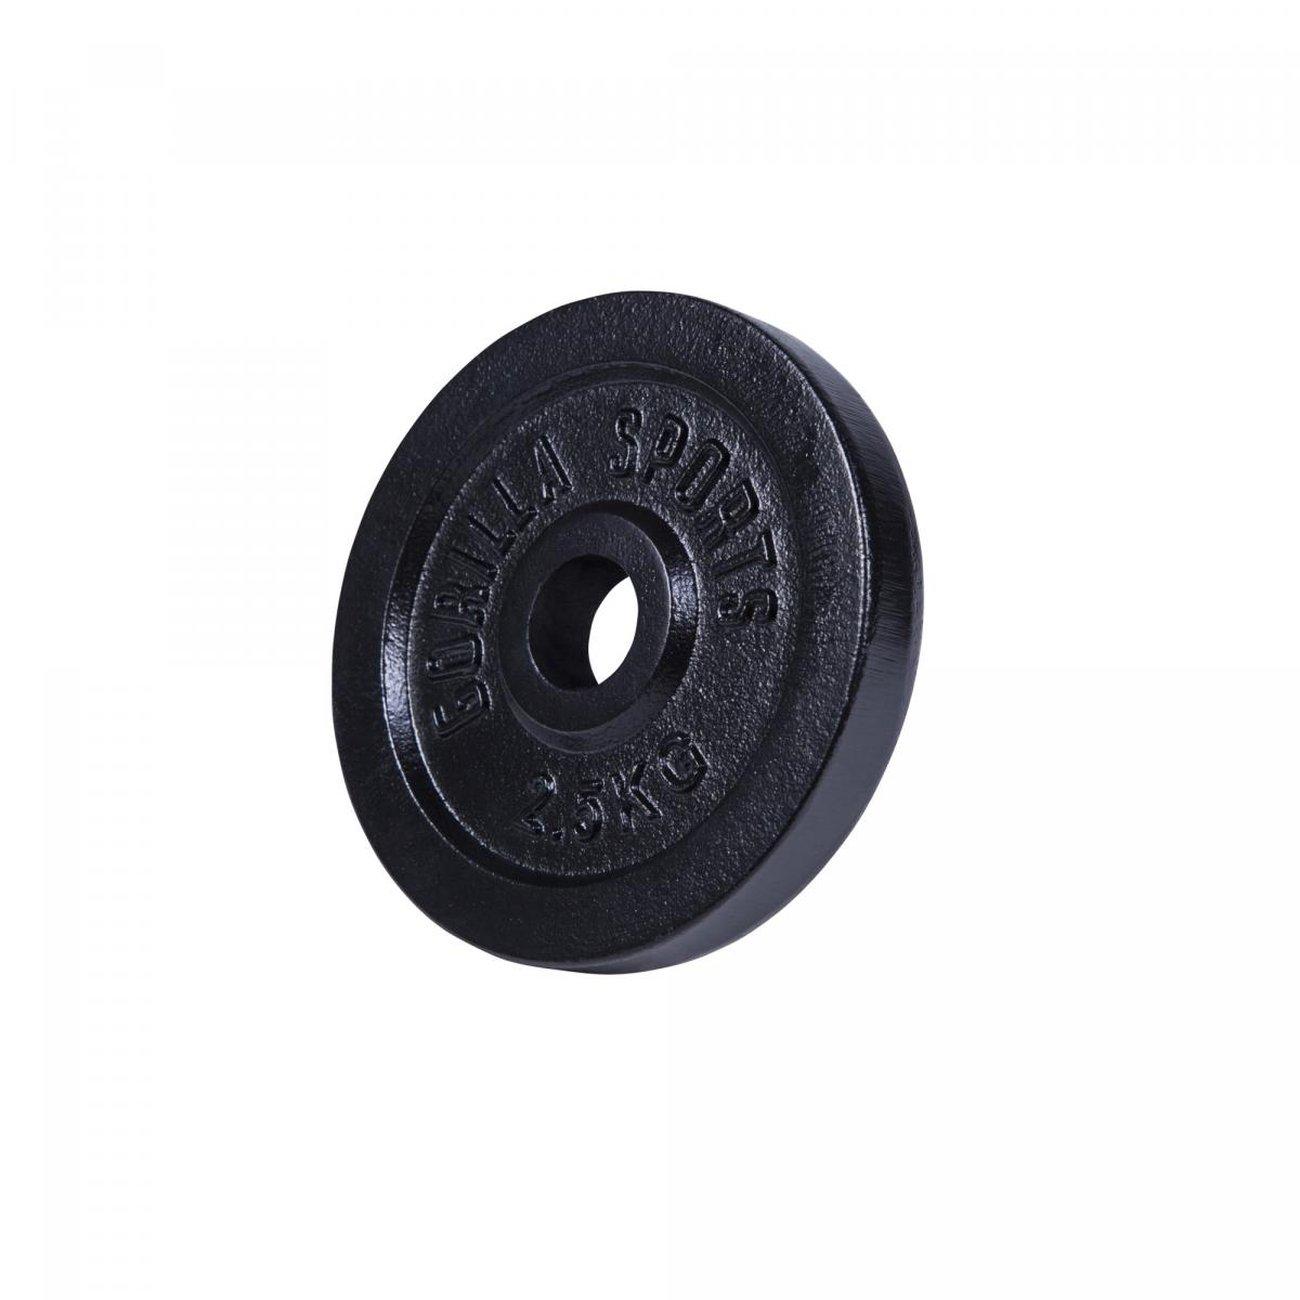 gorilla sports disques de poids en fonte noir de 05 kg a 30 kg poids 25 kg 4 v5